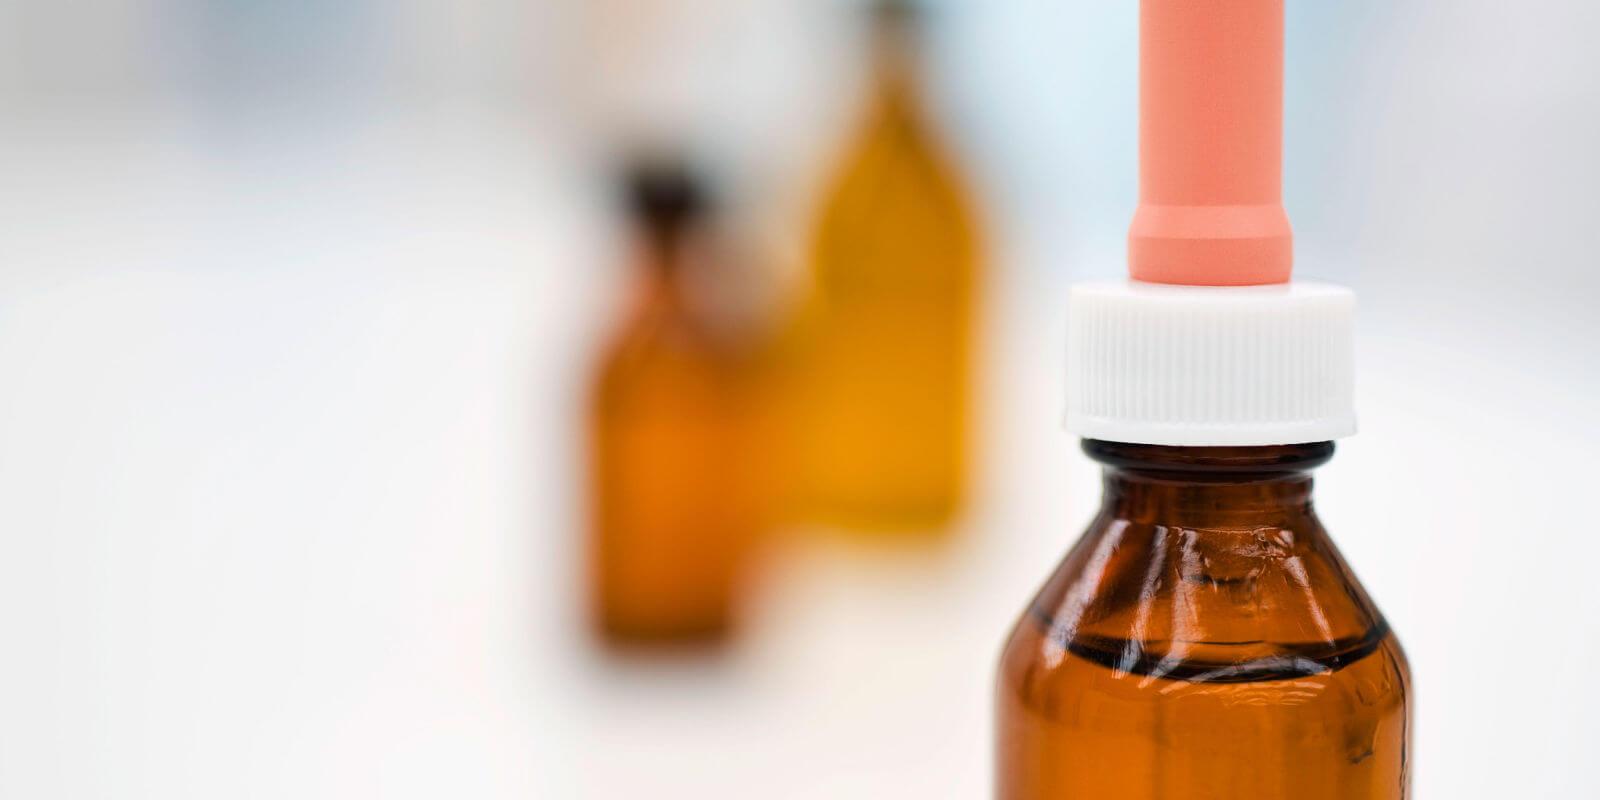 Капли от алкоголизма: отзывы и цены на препараты